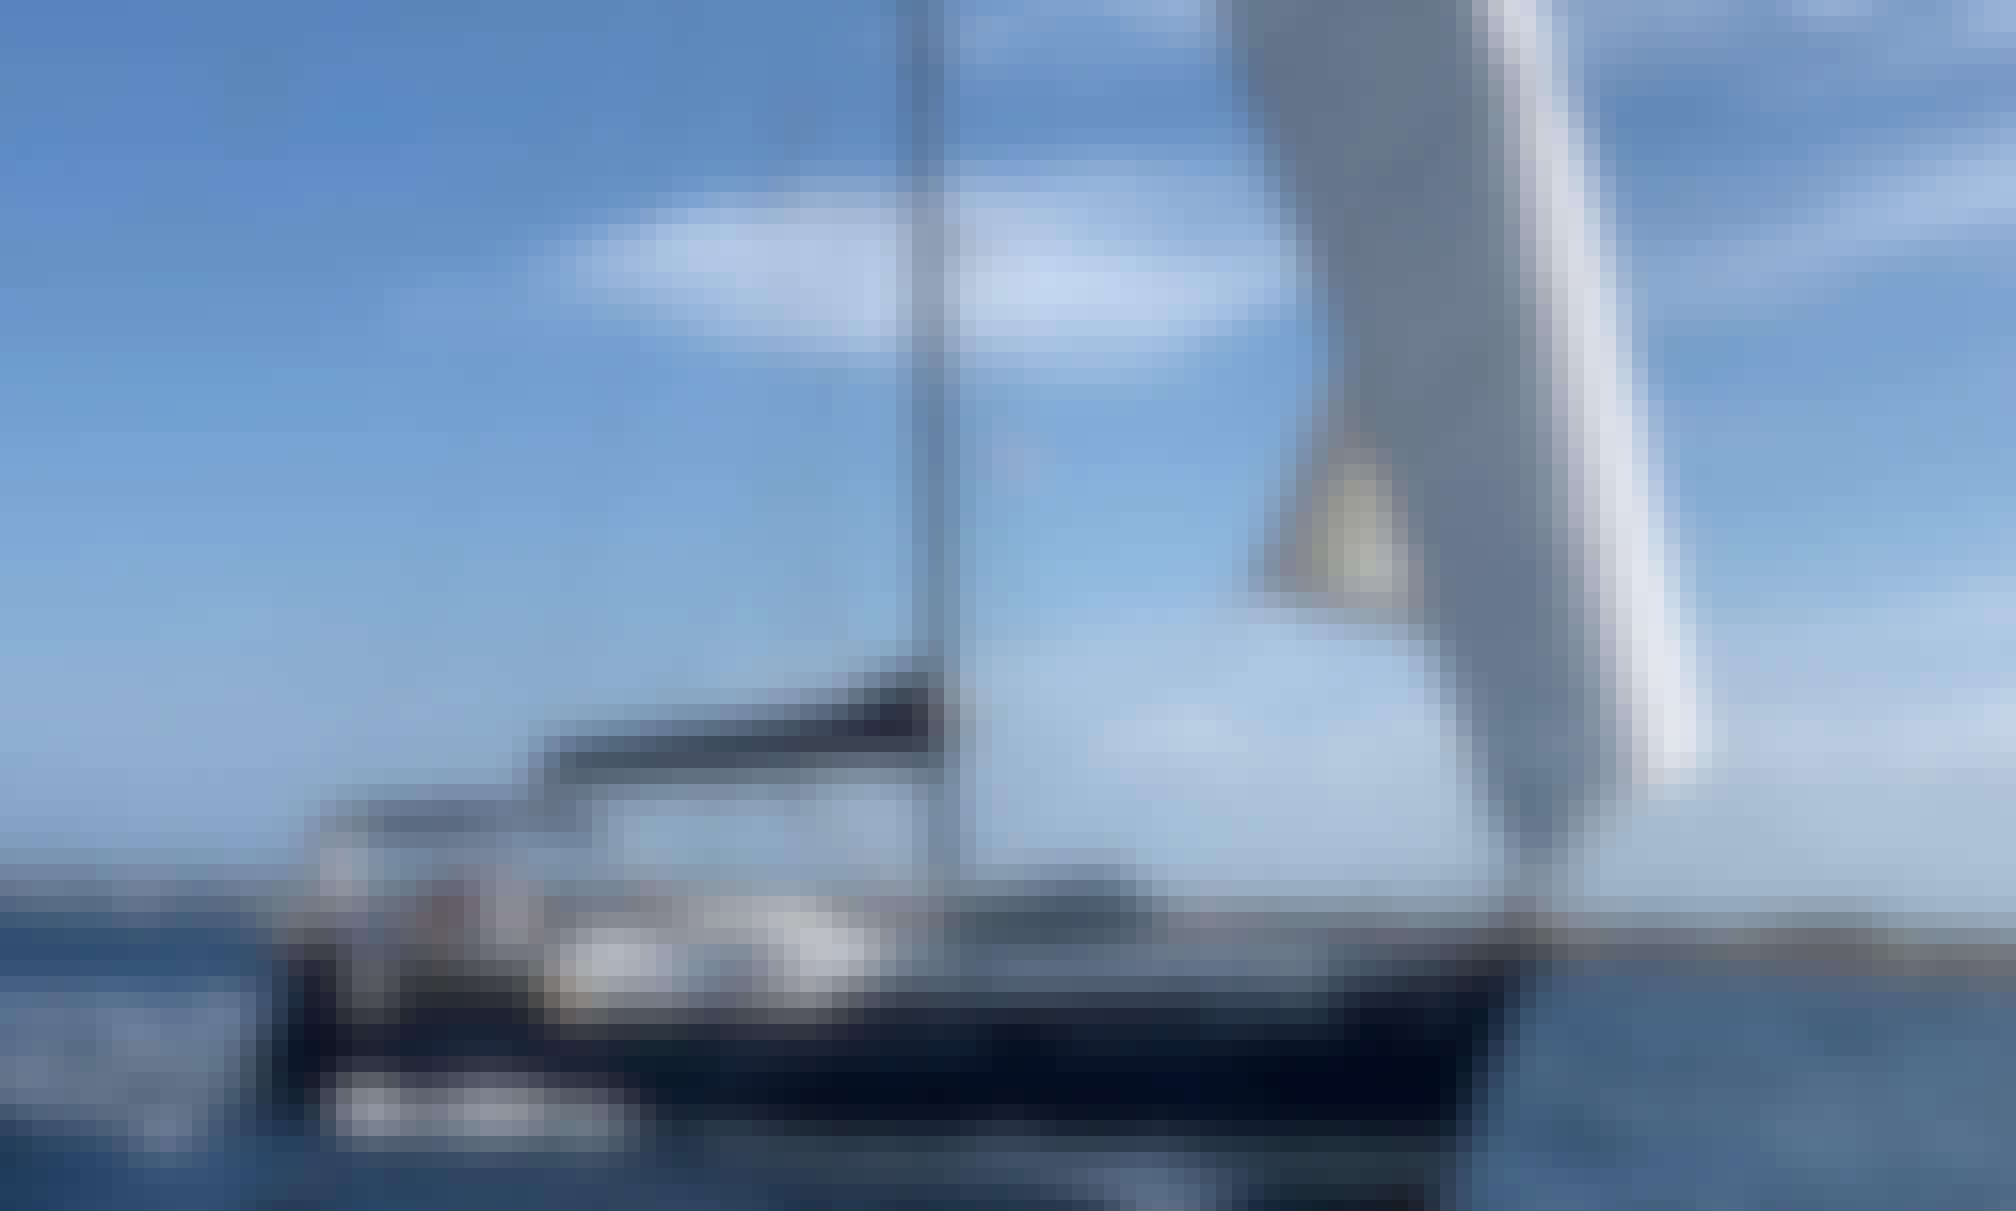 'Merak' Oceanis 411 Celebration Monohull Charter & Trips in Carloforte